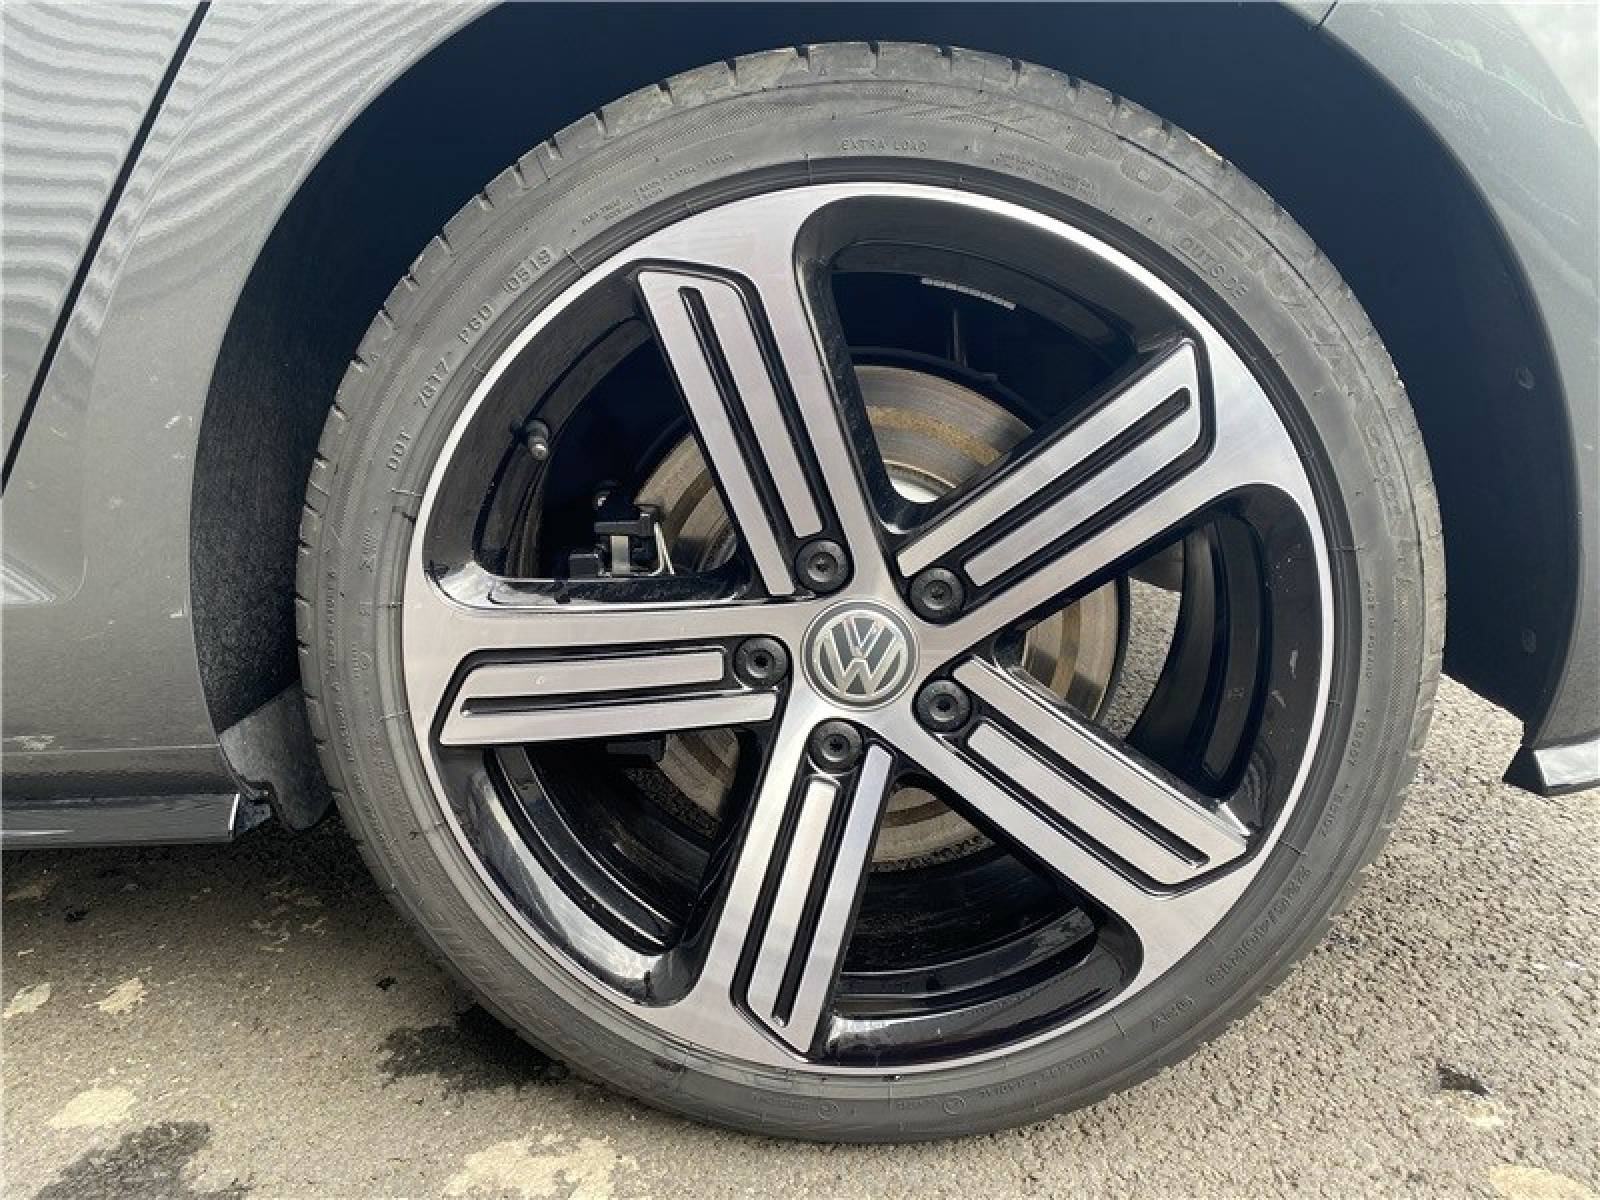 VOLKSWAGEN Golf 2.0 TSI 300 DSG7 4Motion - véhicule d'occasion - LEMAUVIEL AUTOMOBILES - Présentation site web V2 - Lemauviel automobiles - AVRANCHES - 50300 - LE VAL-SAINT-PÈRE - 20